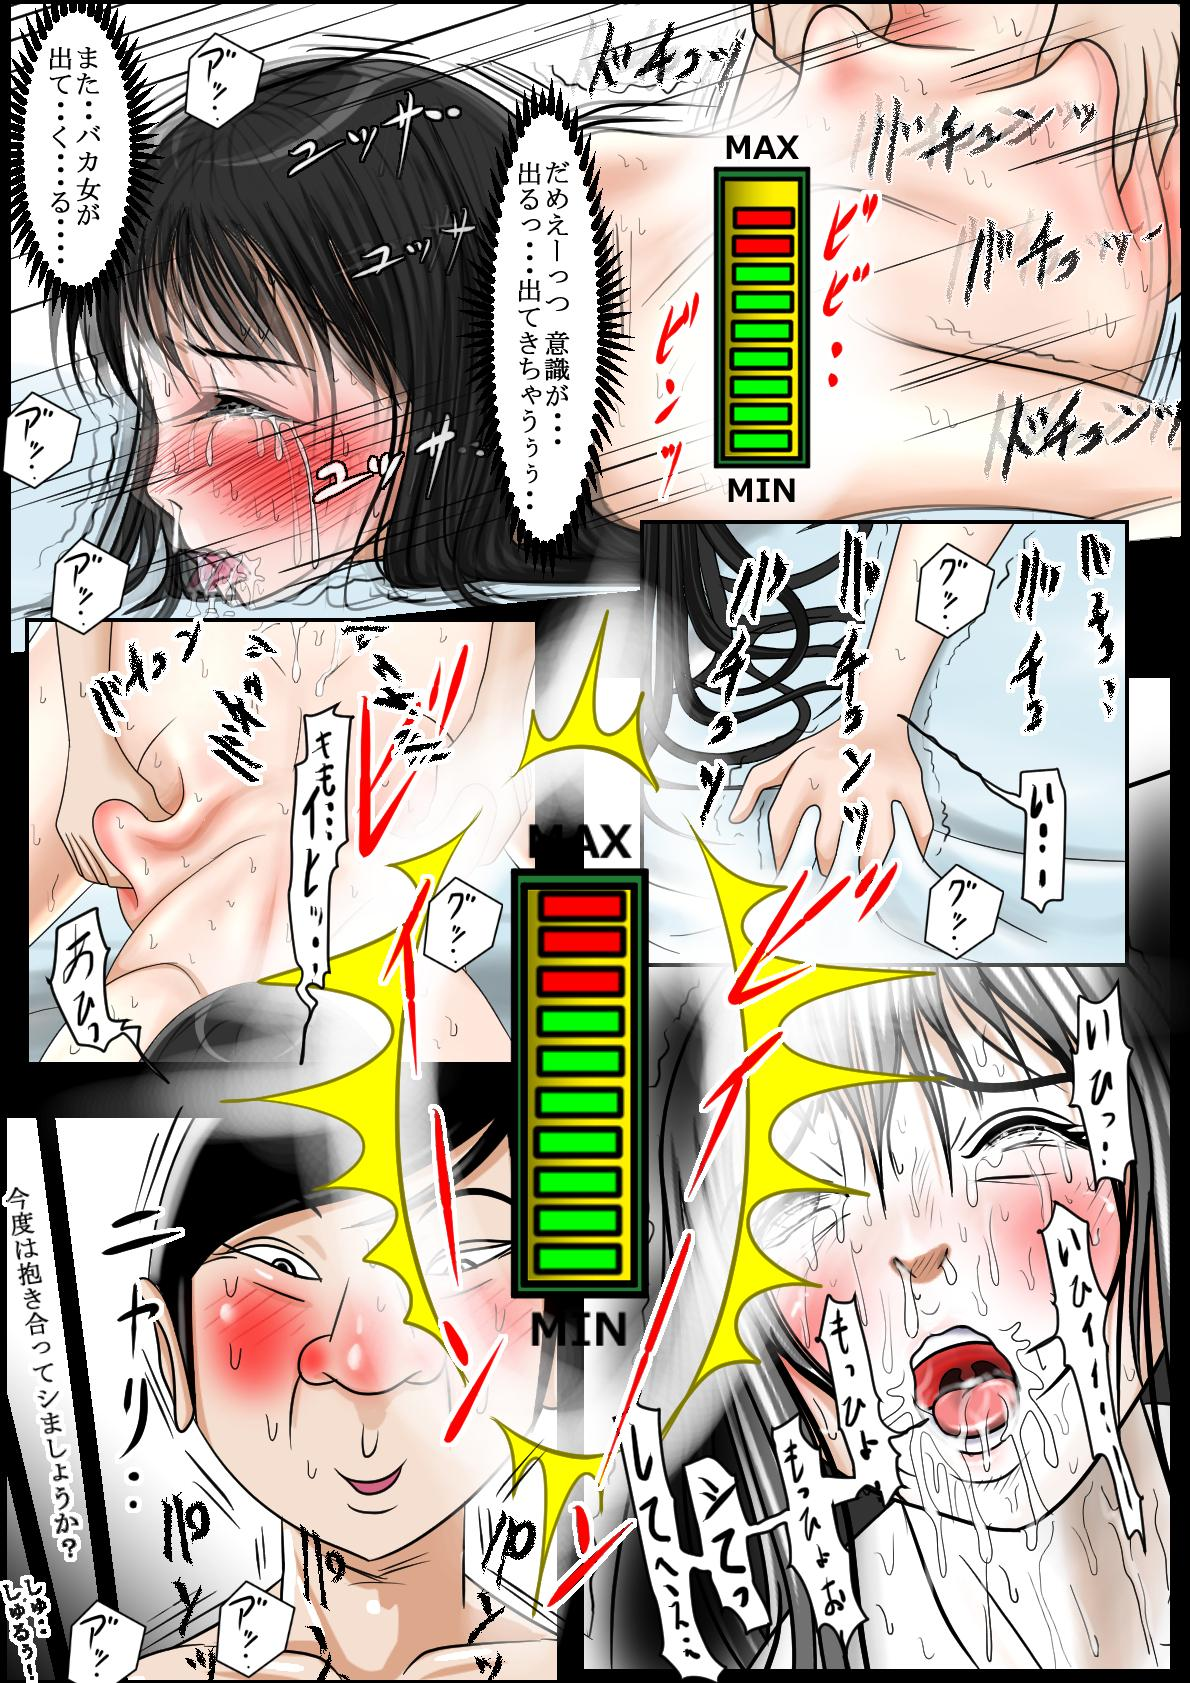 Aa, Senpai no Oniku, Yappa Yawarakaissu Vol. 6 5